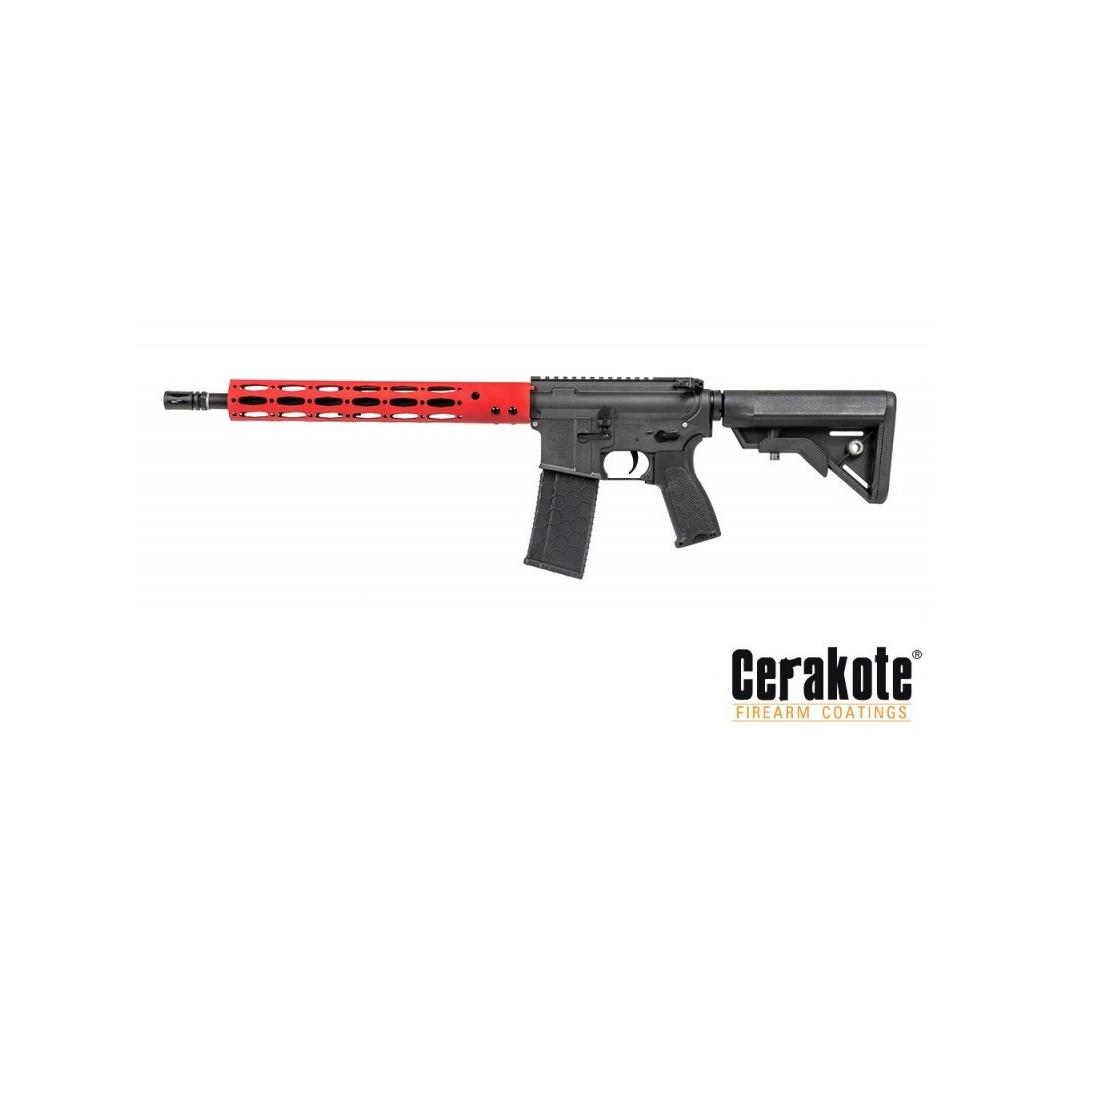 """AEG 14.5"""" Ergo M4 Carbine GI Red Lone Star Edition [Evolution]"""